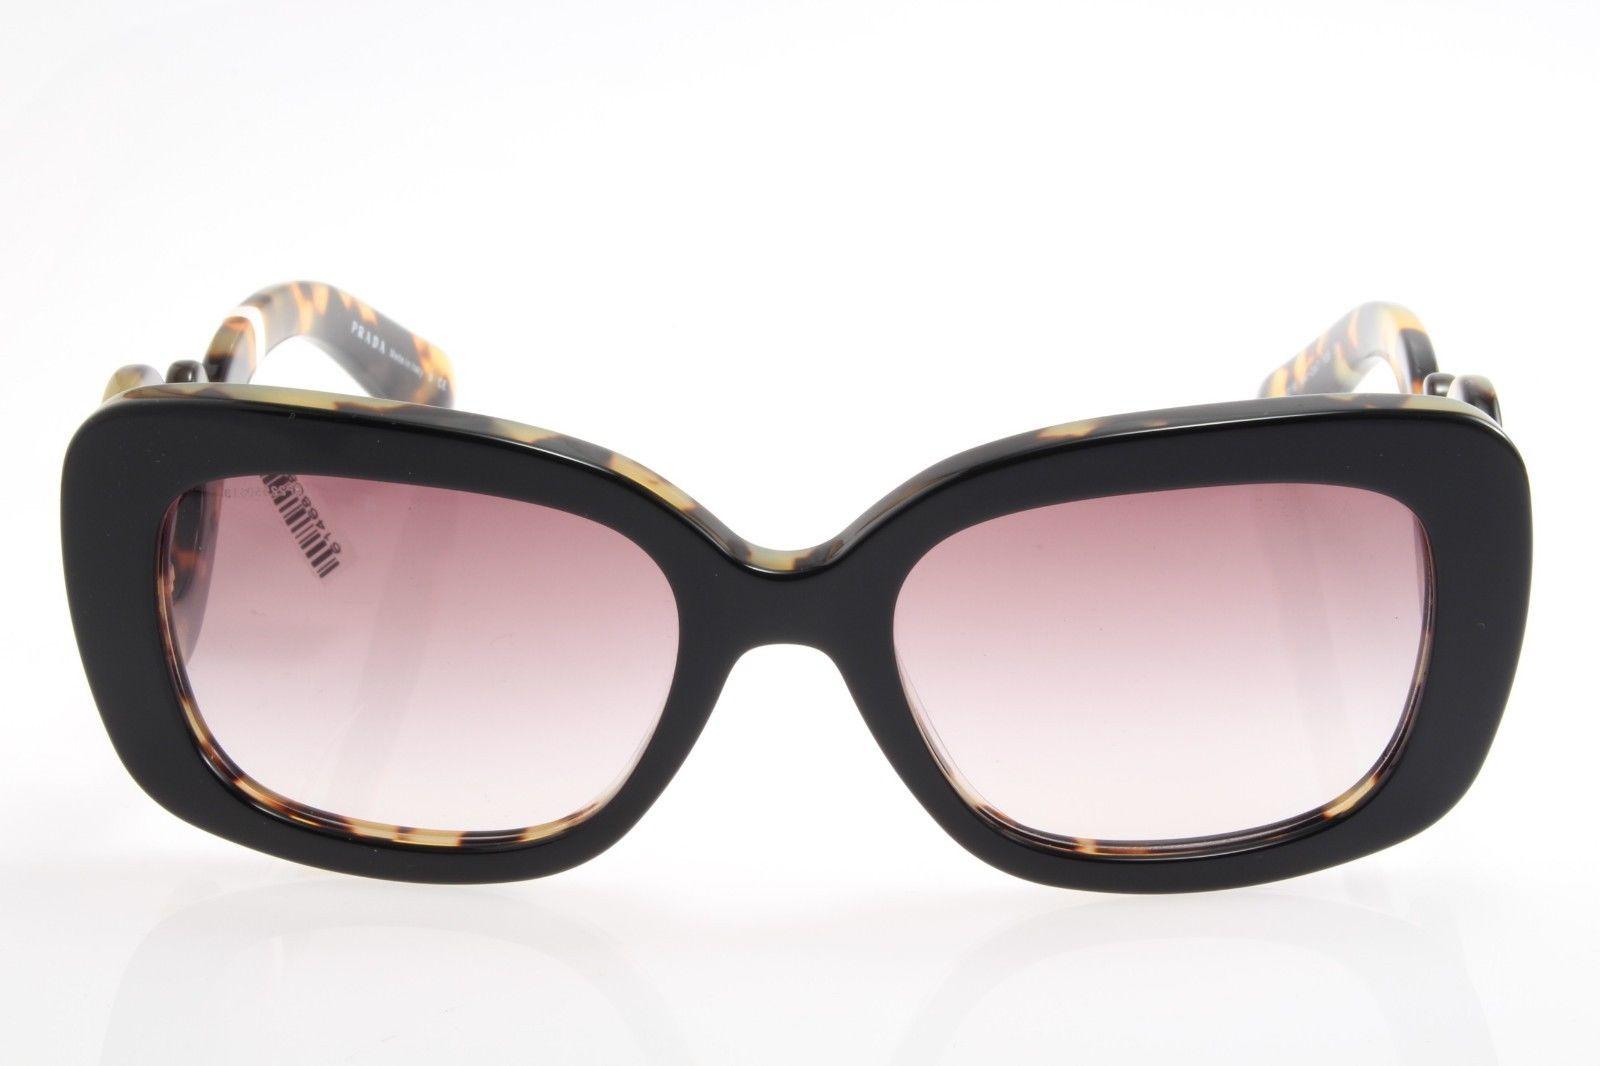 5d775bf13 ... purchase new original prada baroque spr 27os nai 0a7 womens sunglasses  top black havana 2f50a cea69 ...